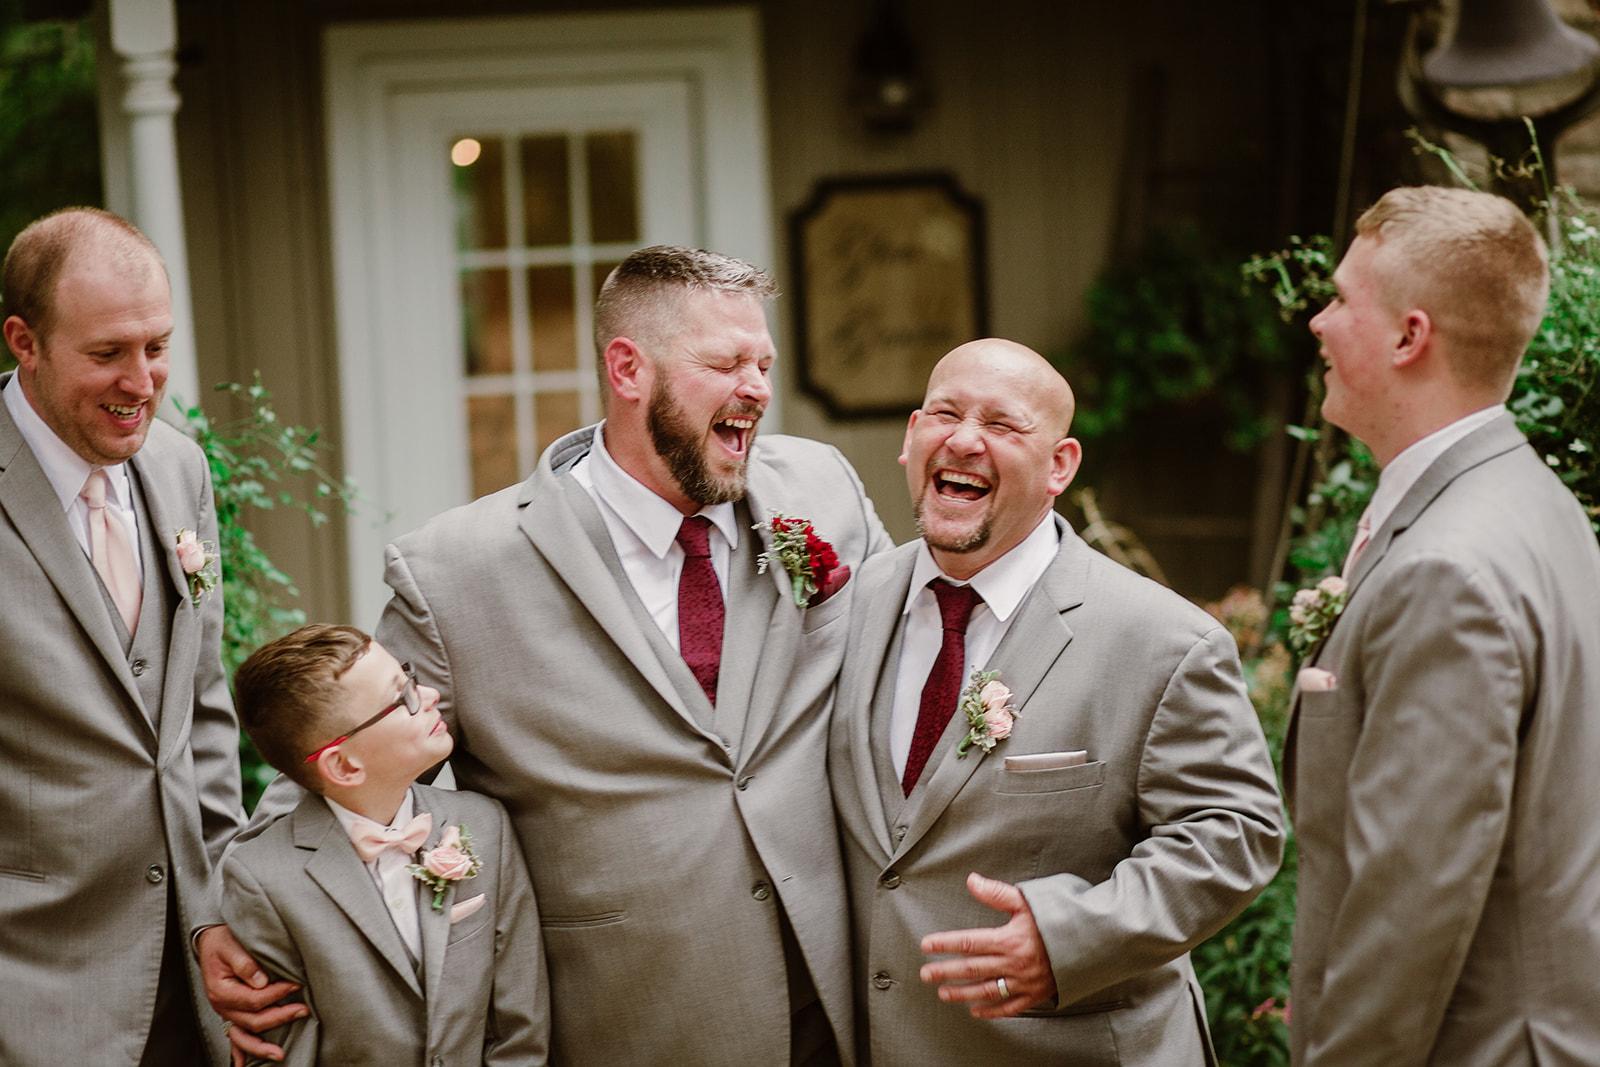 SarahMattozziPhotography-NicoleChris-GlenGardens-WeddingParty-4.jpg